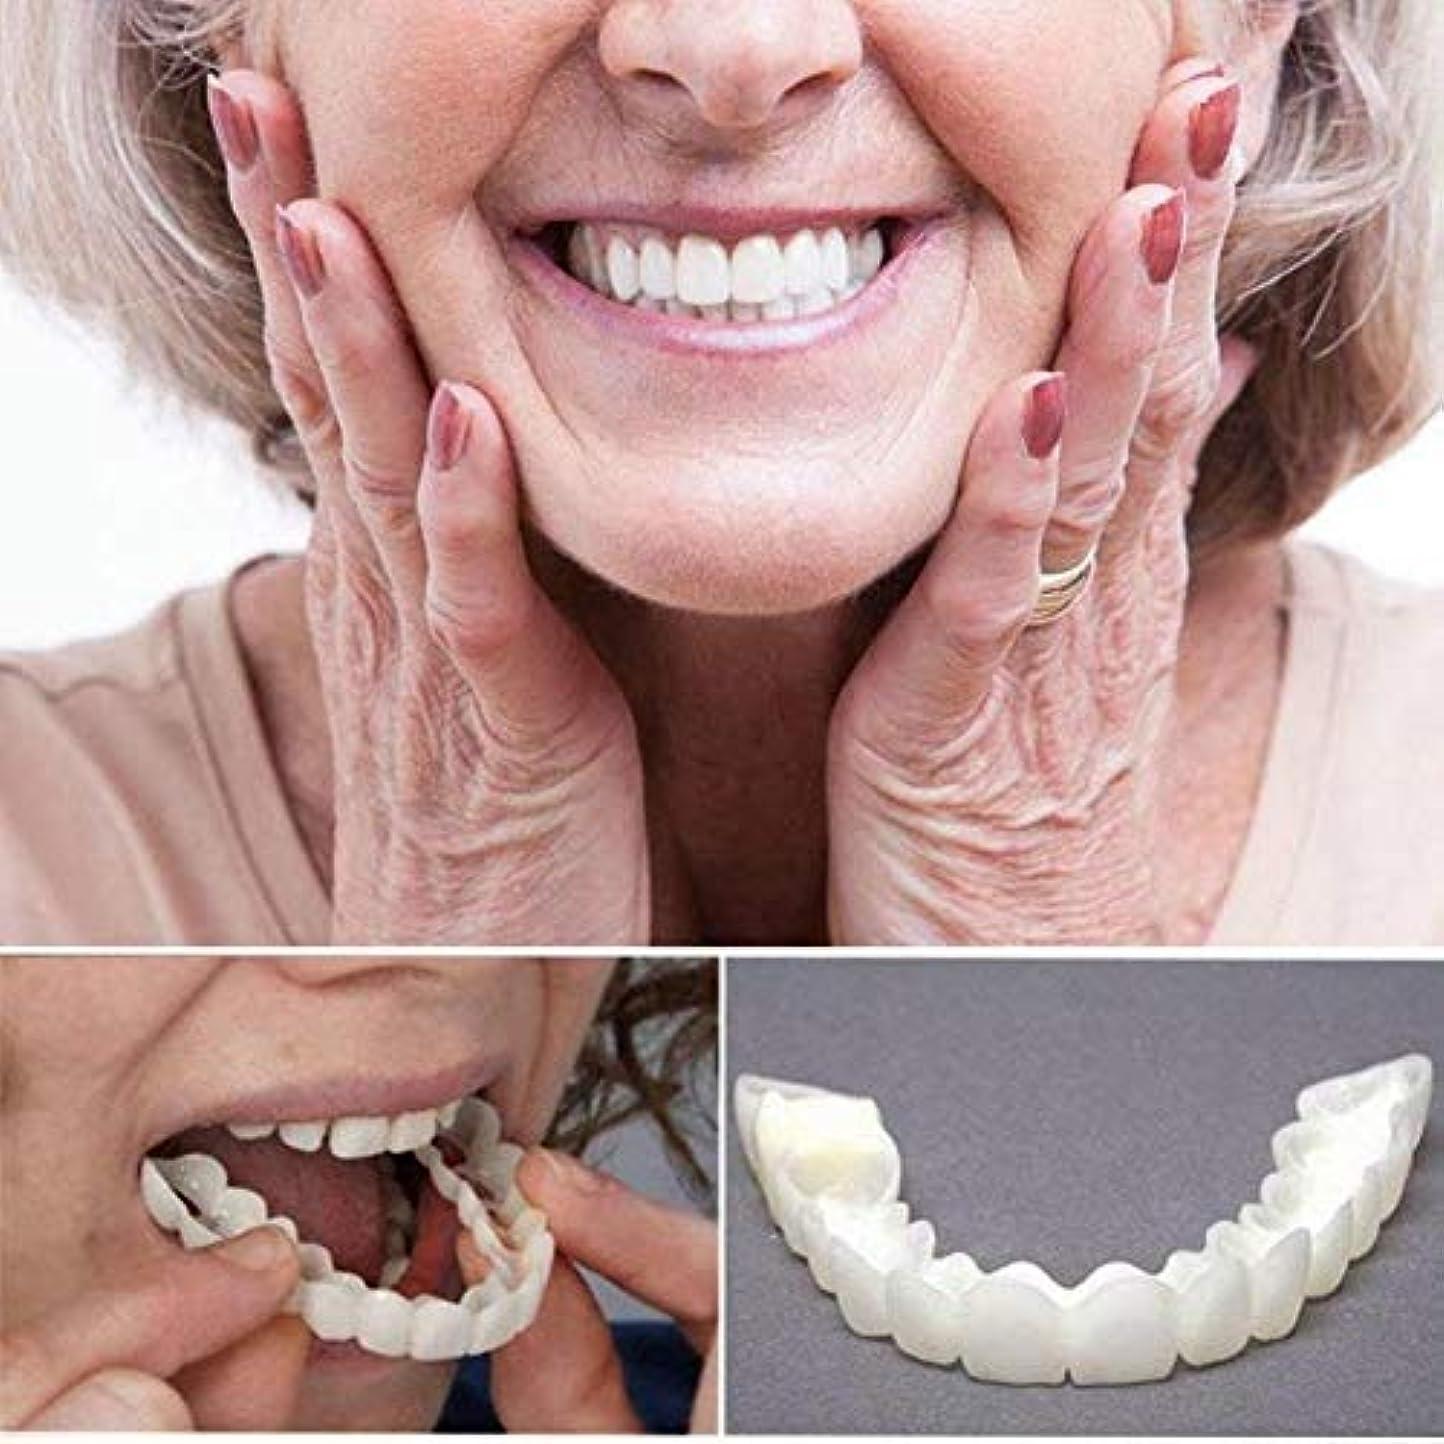 パンサーパイントレポートを書く5セット、白い歯をきれいにするコンフォートフィットフレックス歯ソケット、化粧用歯、超快適、快適フィット